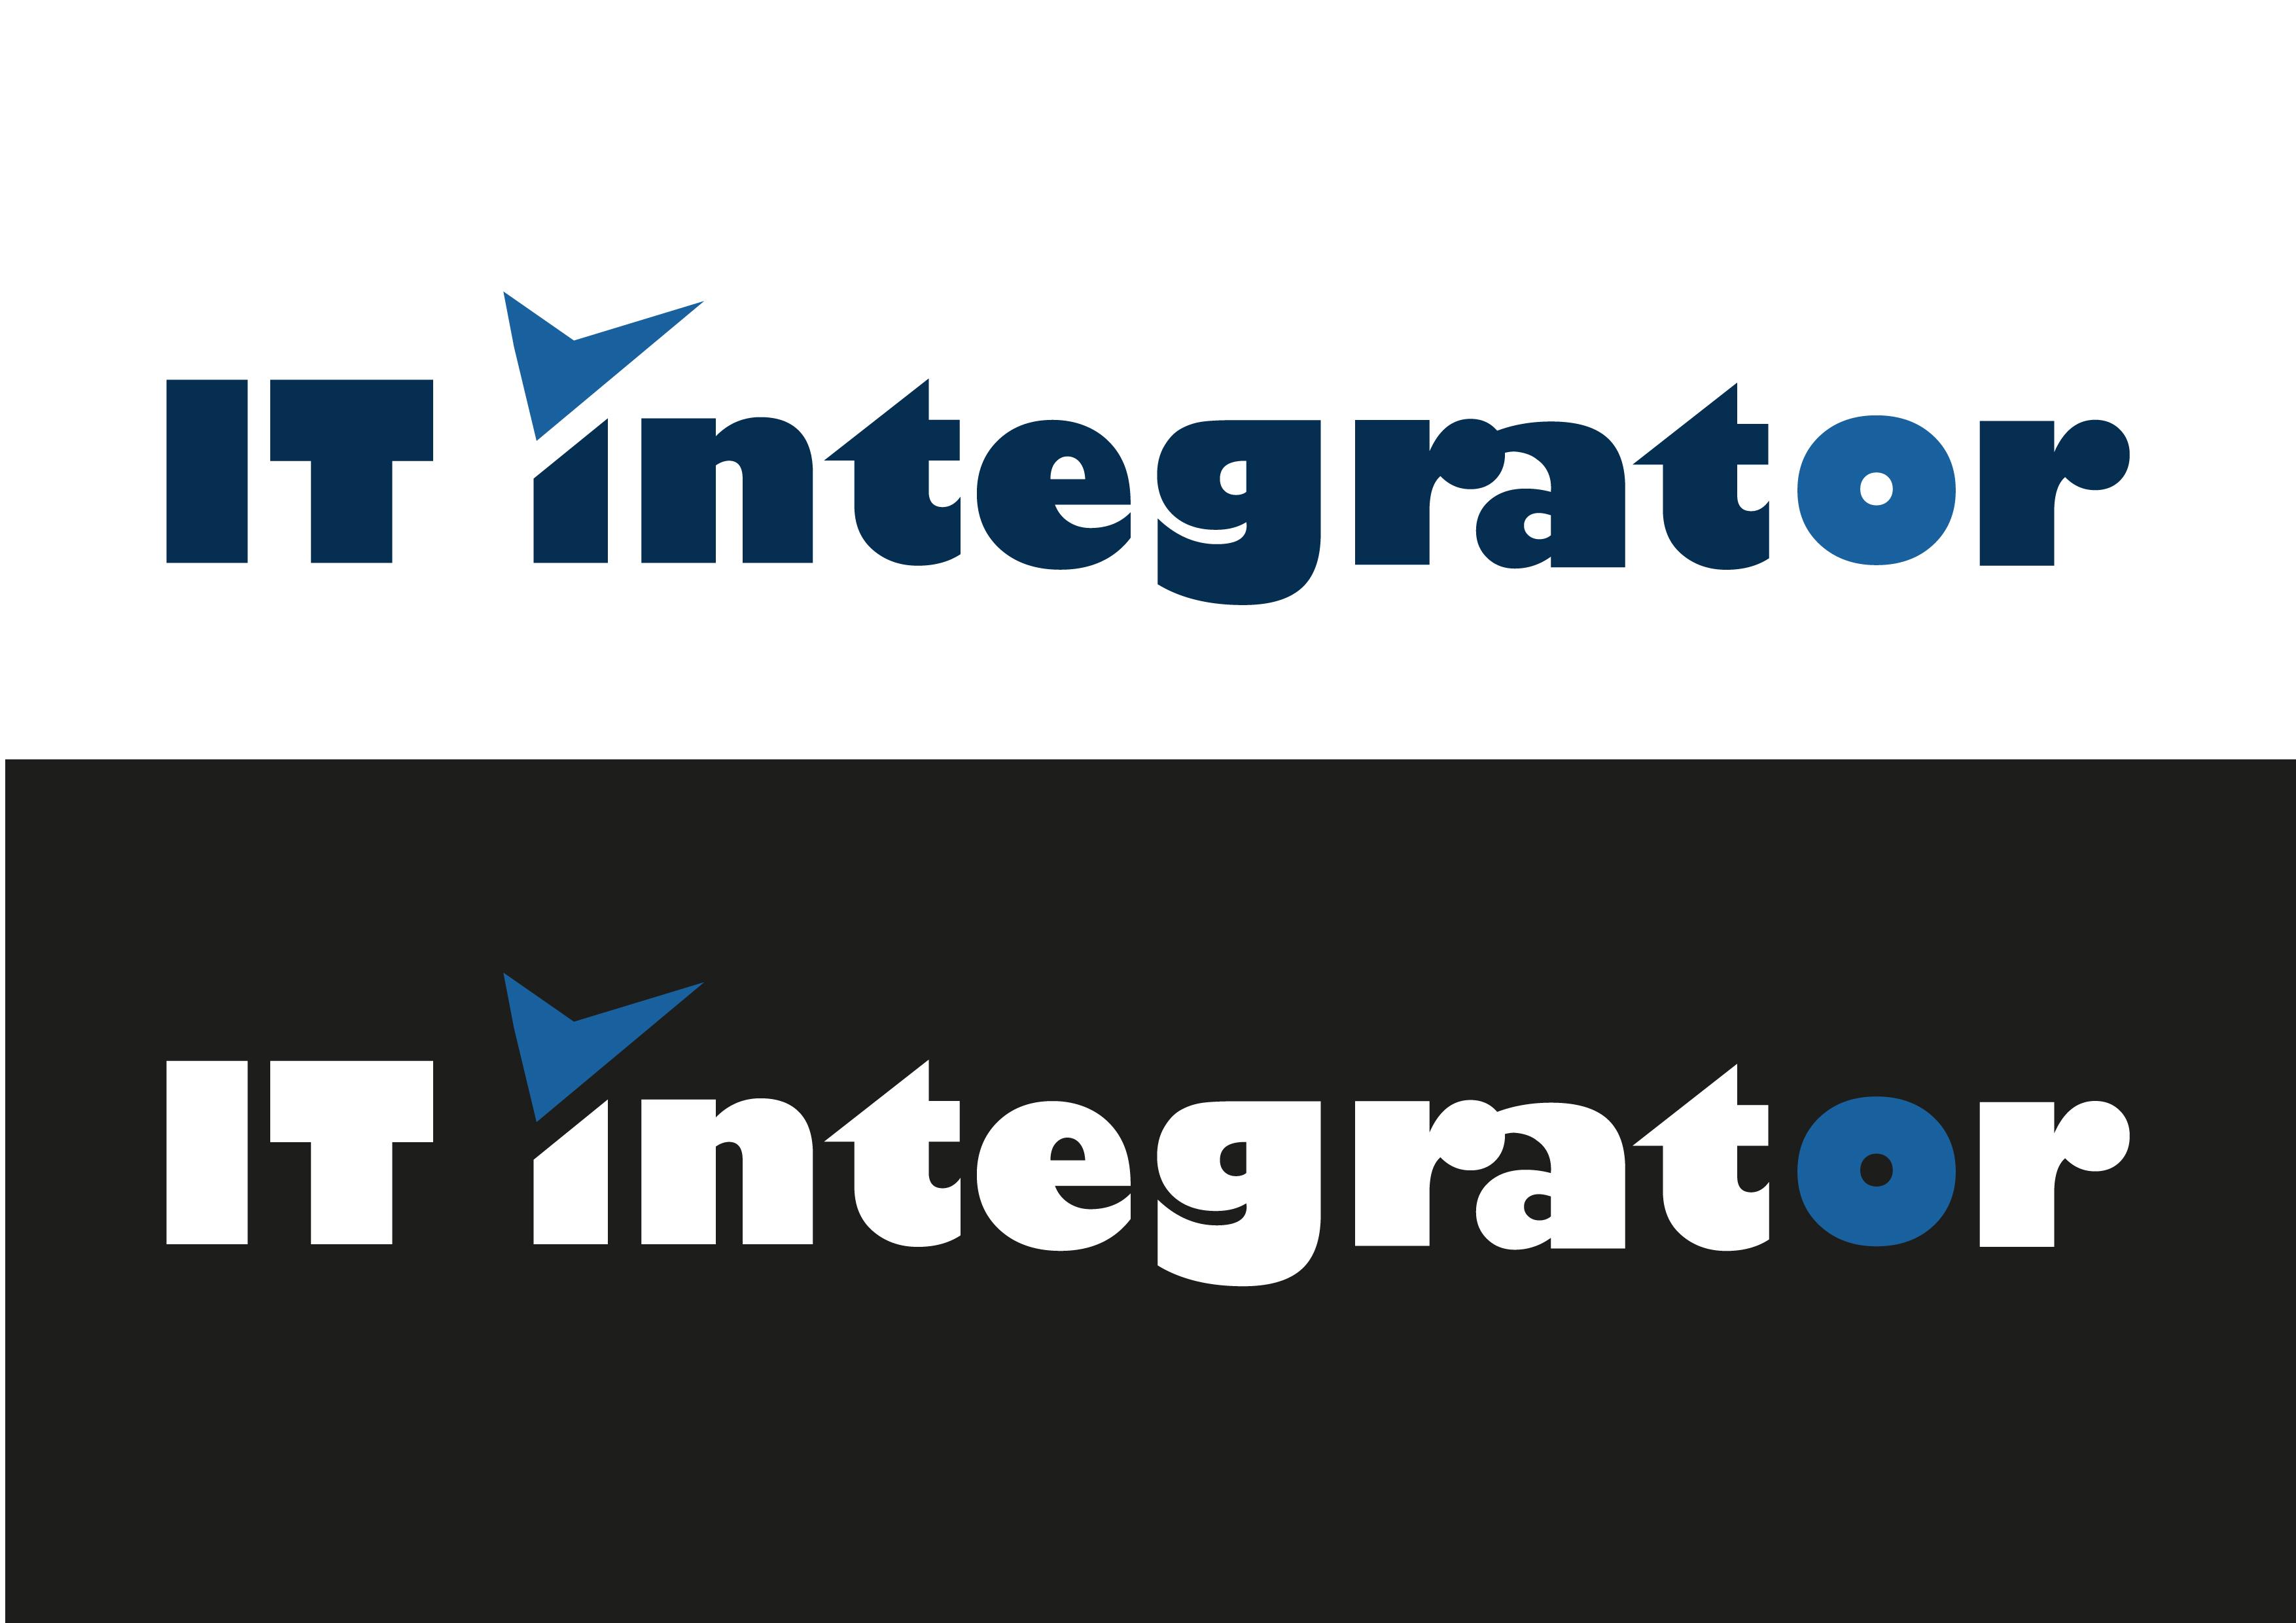 Логотип для IT интегратора фото f_4976149ccae651c3.jpg